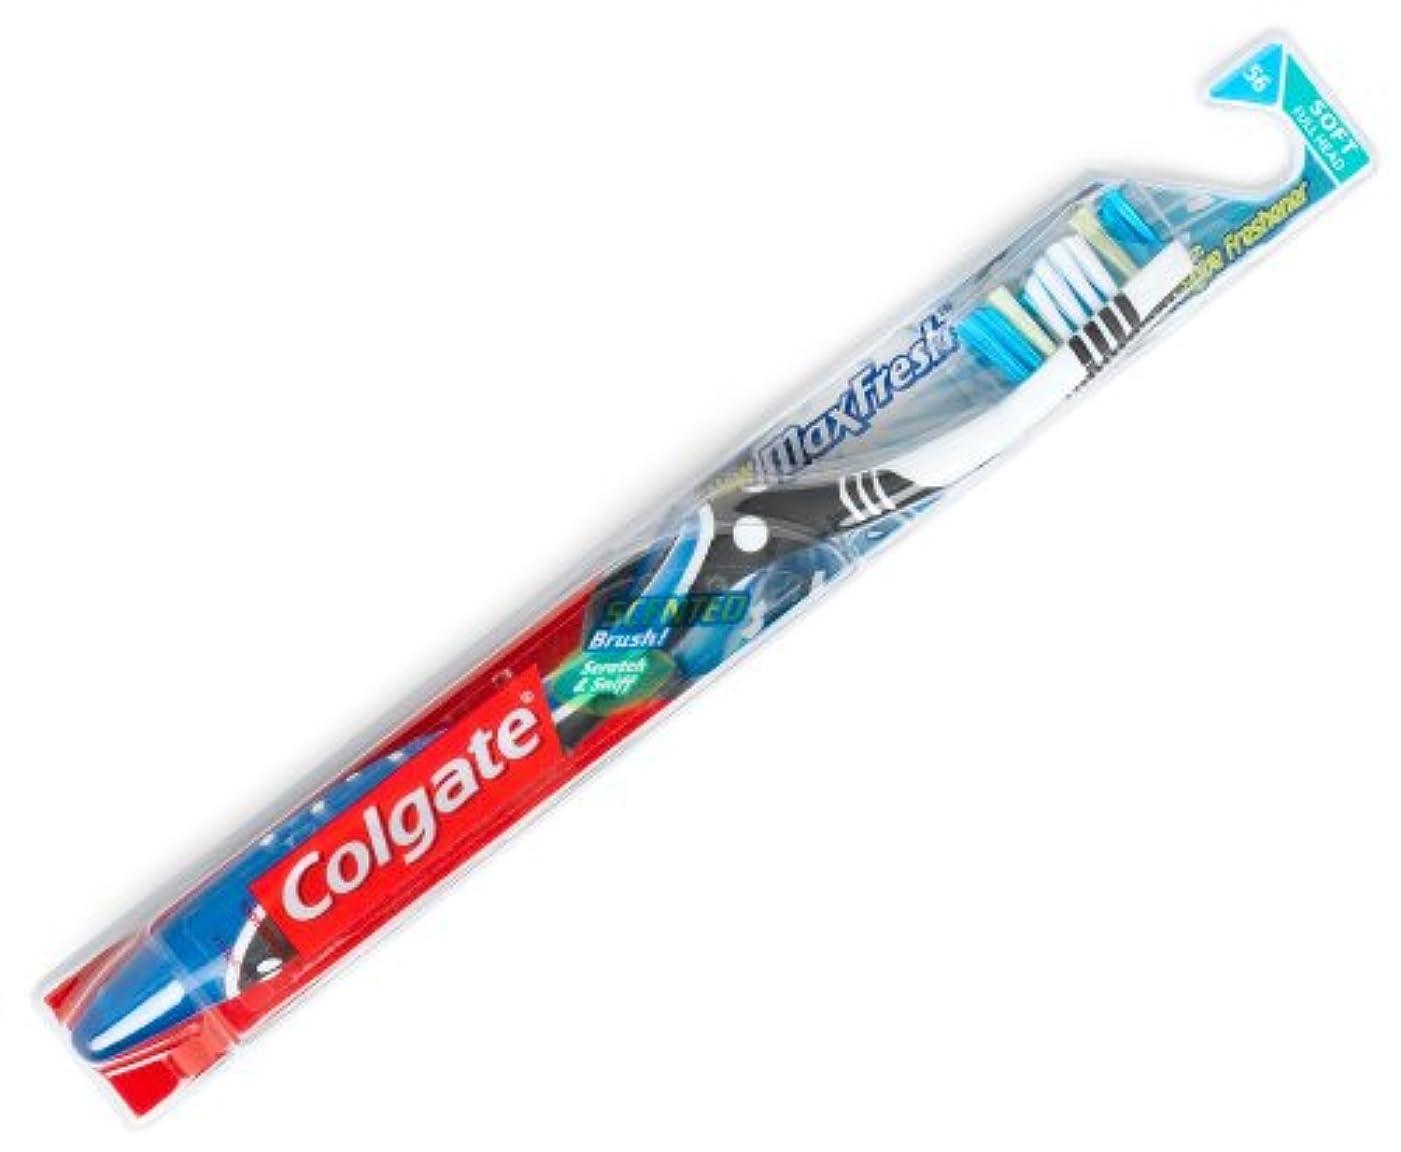 旅行者音楽を聴く権威Colgate マックス新鮮な柔らかい歯ブラシ2PK、1カラット